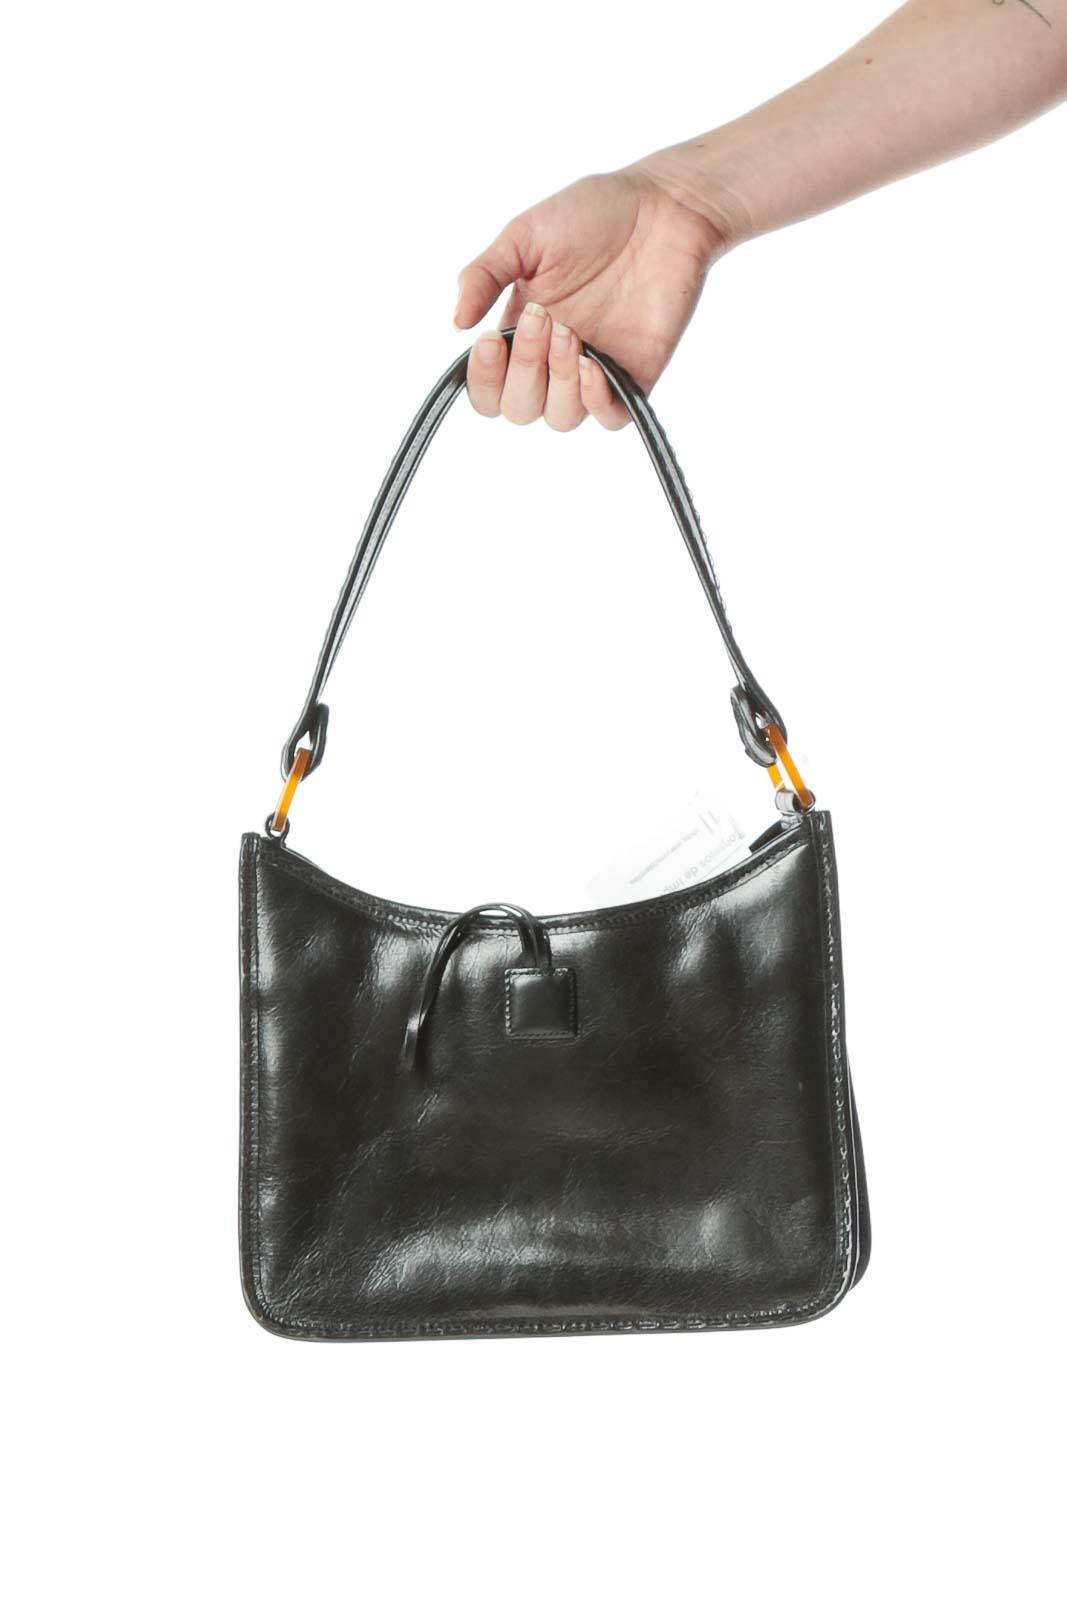 Black Leather Toggle Closure Detail Shoulder Bag Front